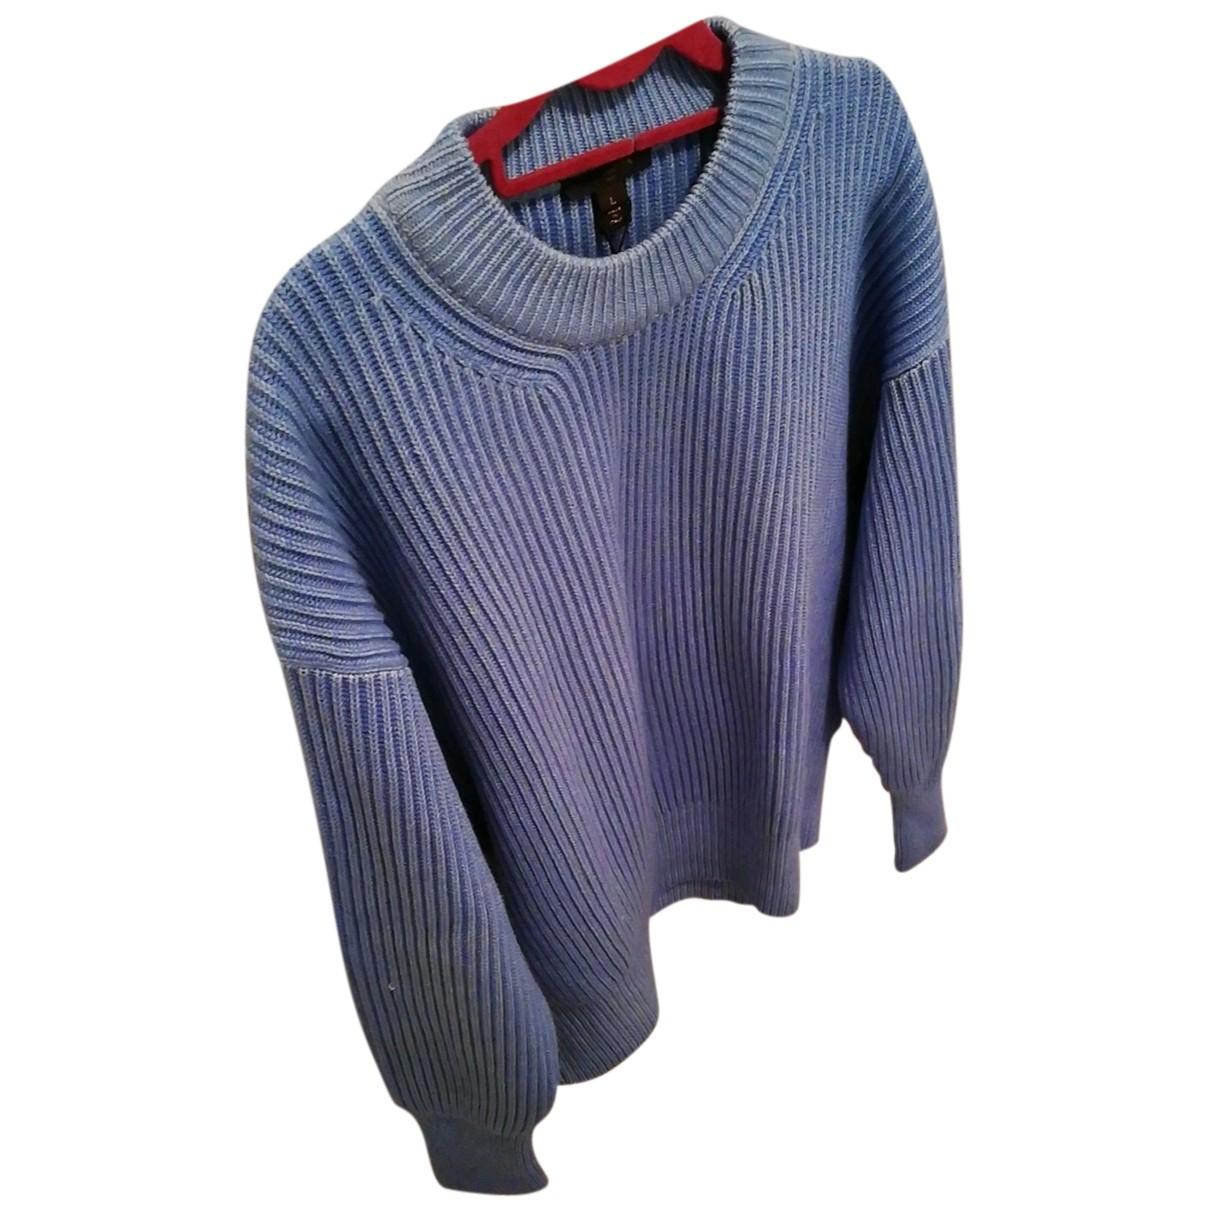 Louis Vuitton - Pull   pour femme en cachemire - bleu